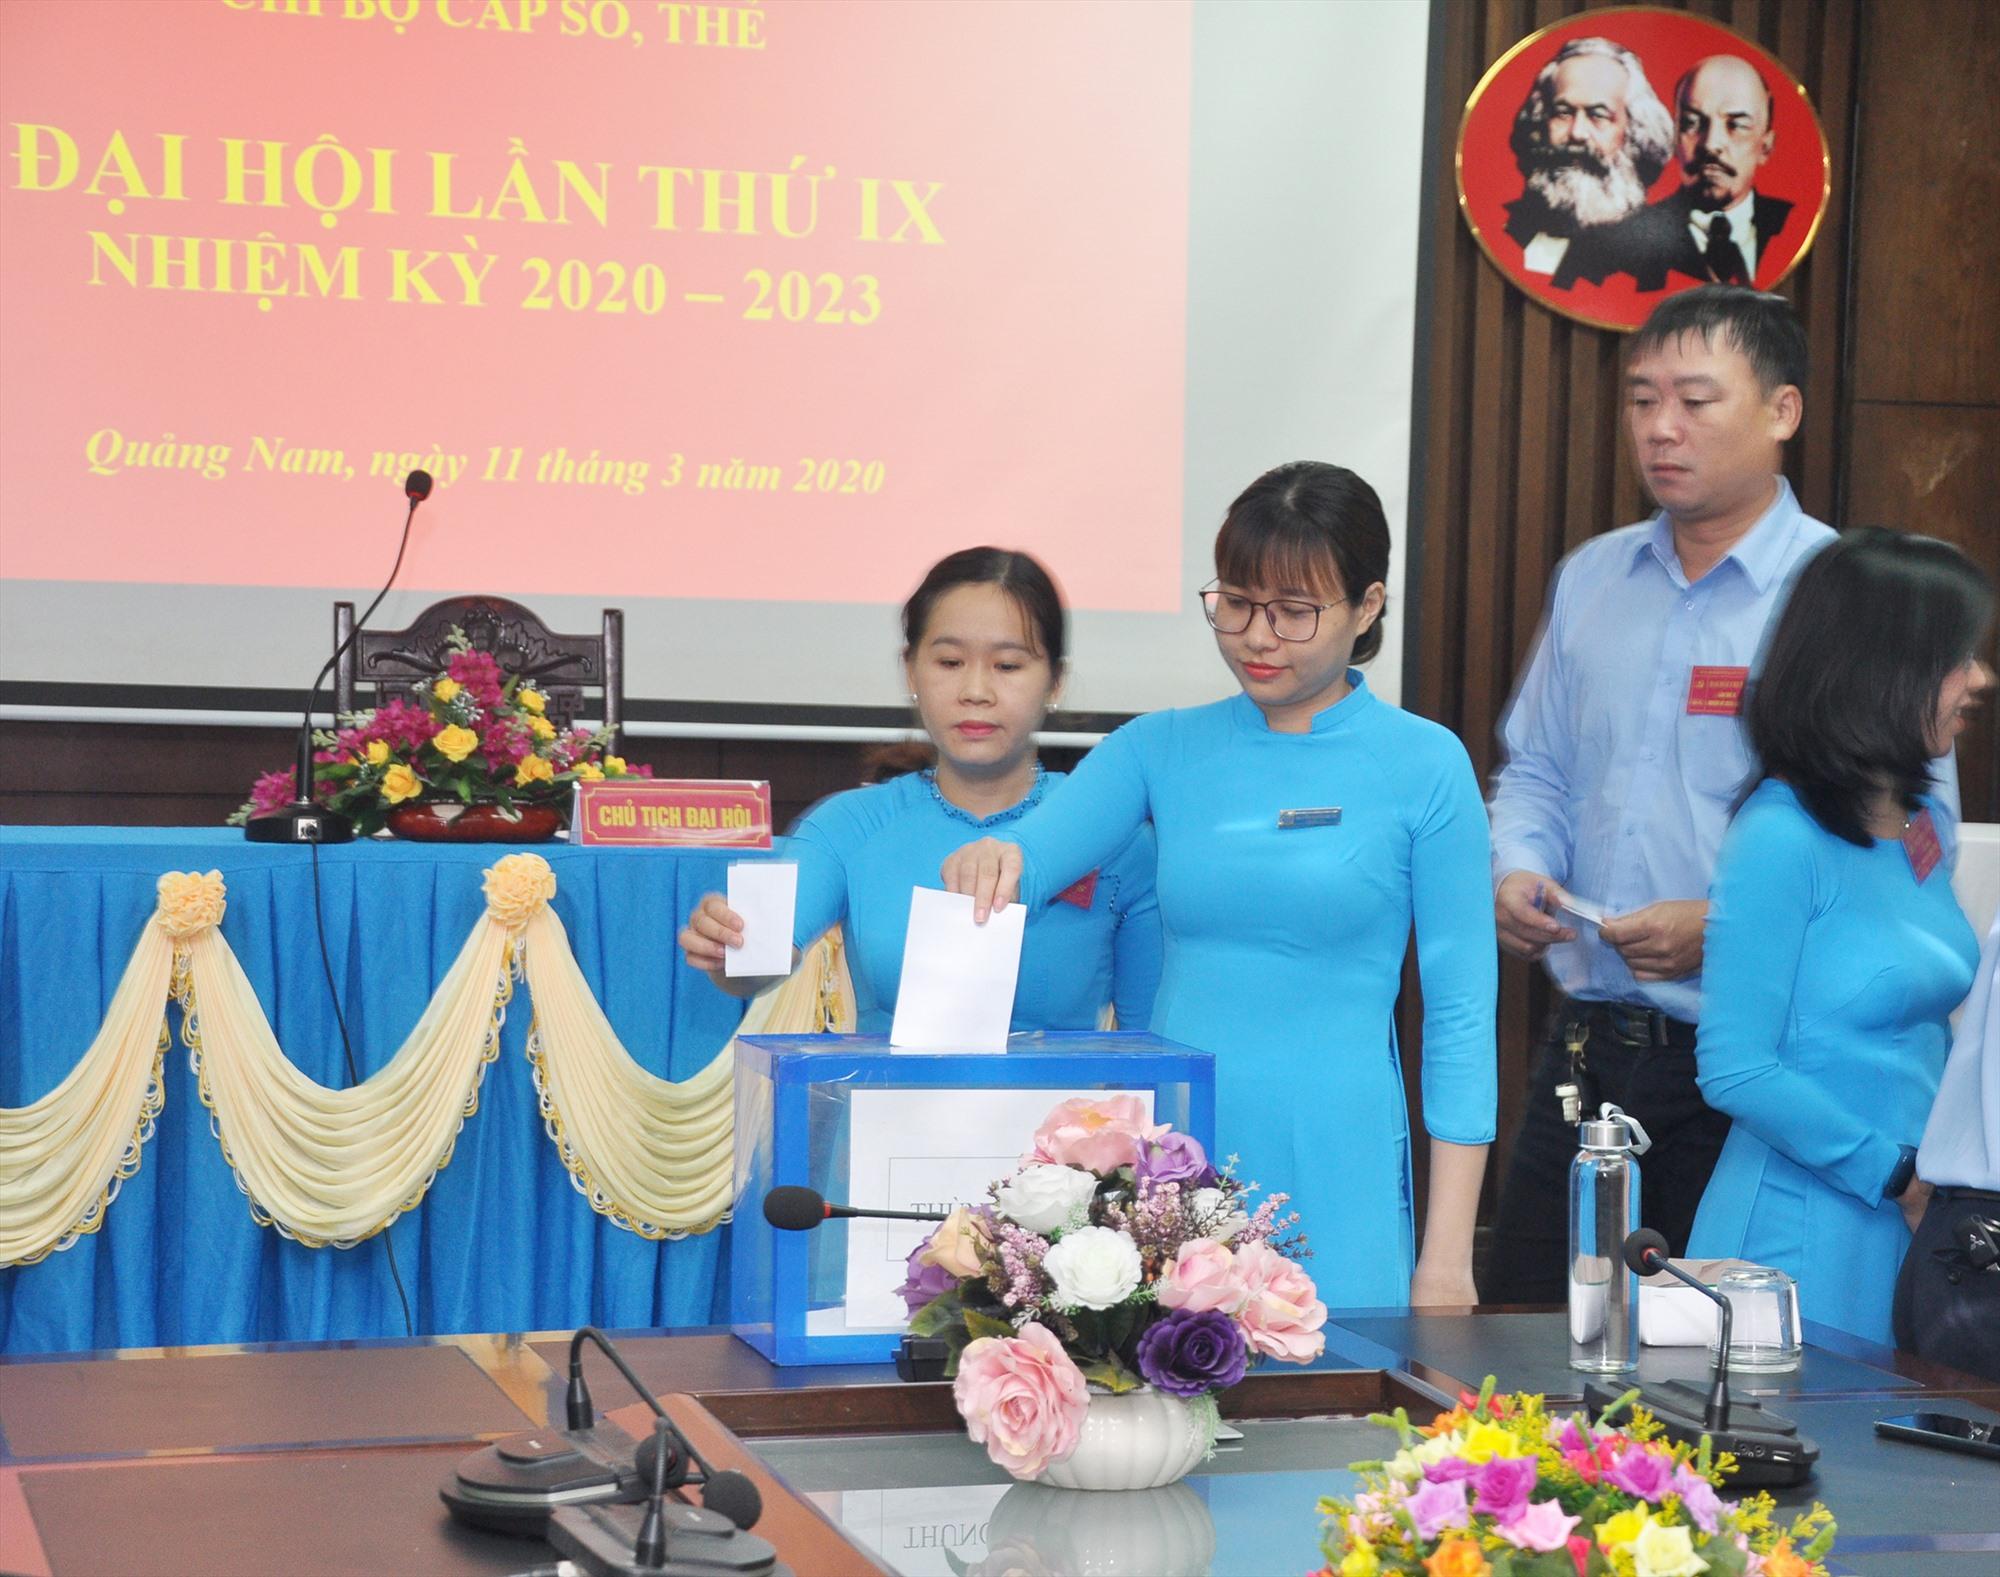 Đảng viên bỏ phiếu bầu cử tại Đại hội Chi bộ cấp sổ, thẻ (thuộc Đảng bộ BHXH tỉnh) tổ chức vào đầu tháng 3.2020. Ảnh: L.D